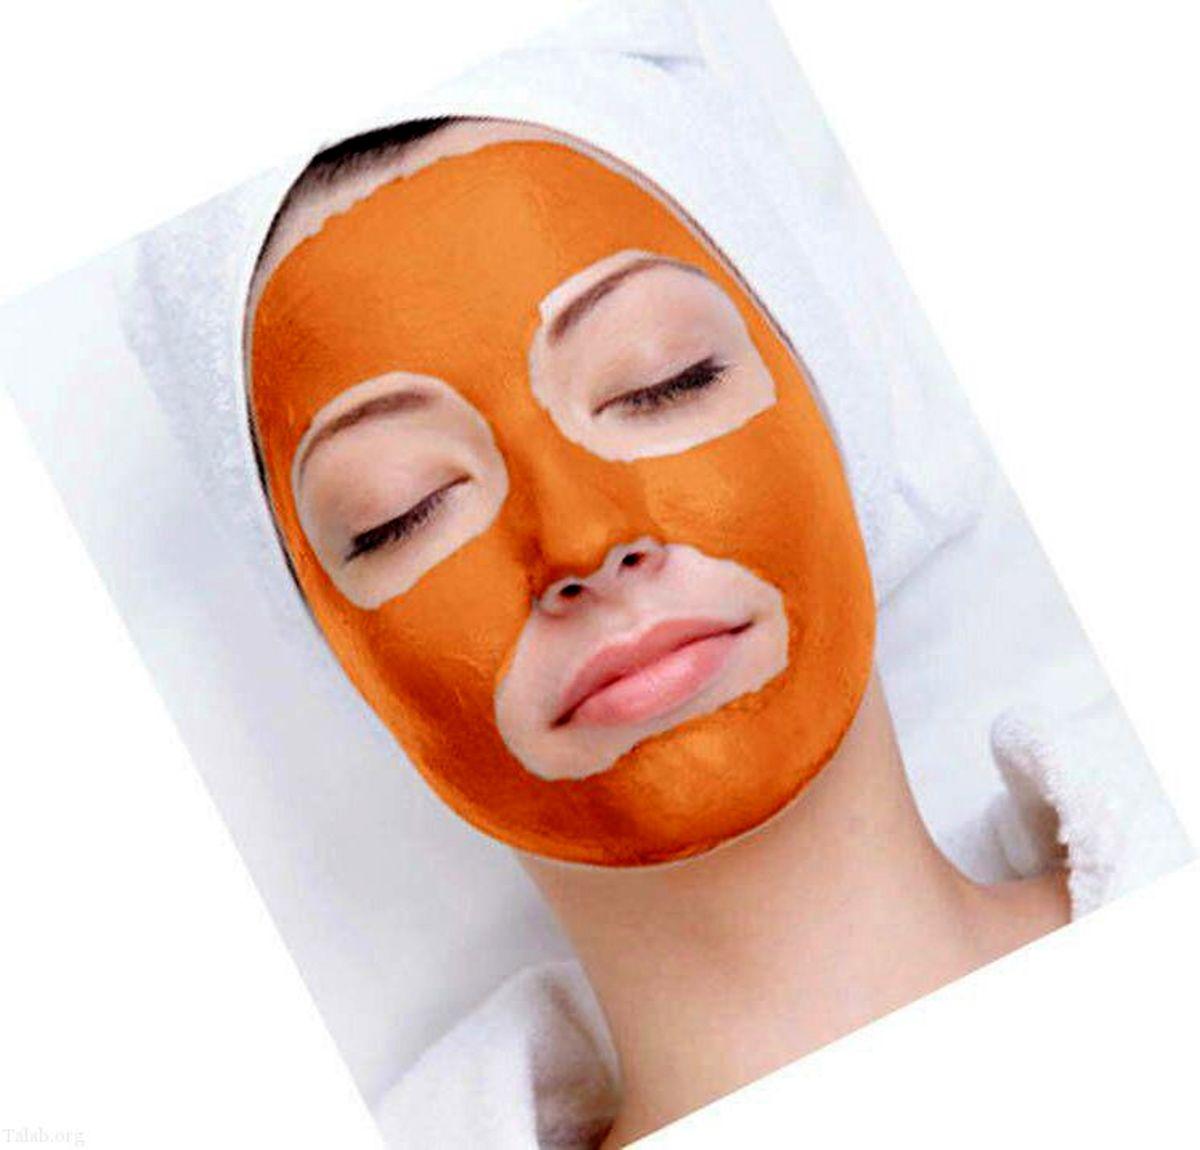 چرا ماسک زردچوبه برای پوست مؤثر است؟ طرز تهیه